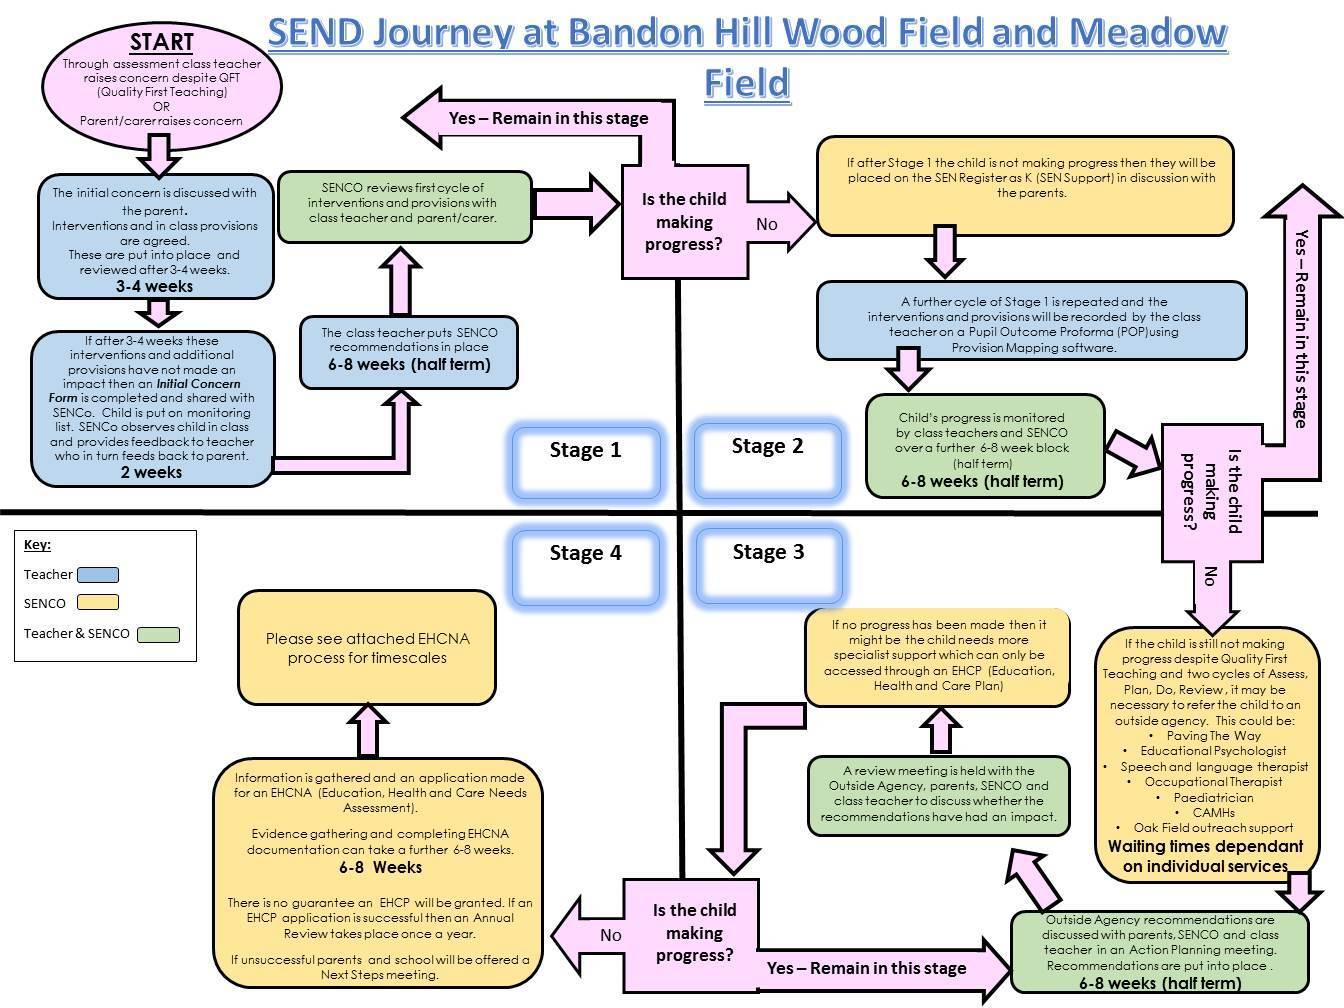 SEND Journey Flow Diagram